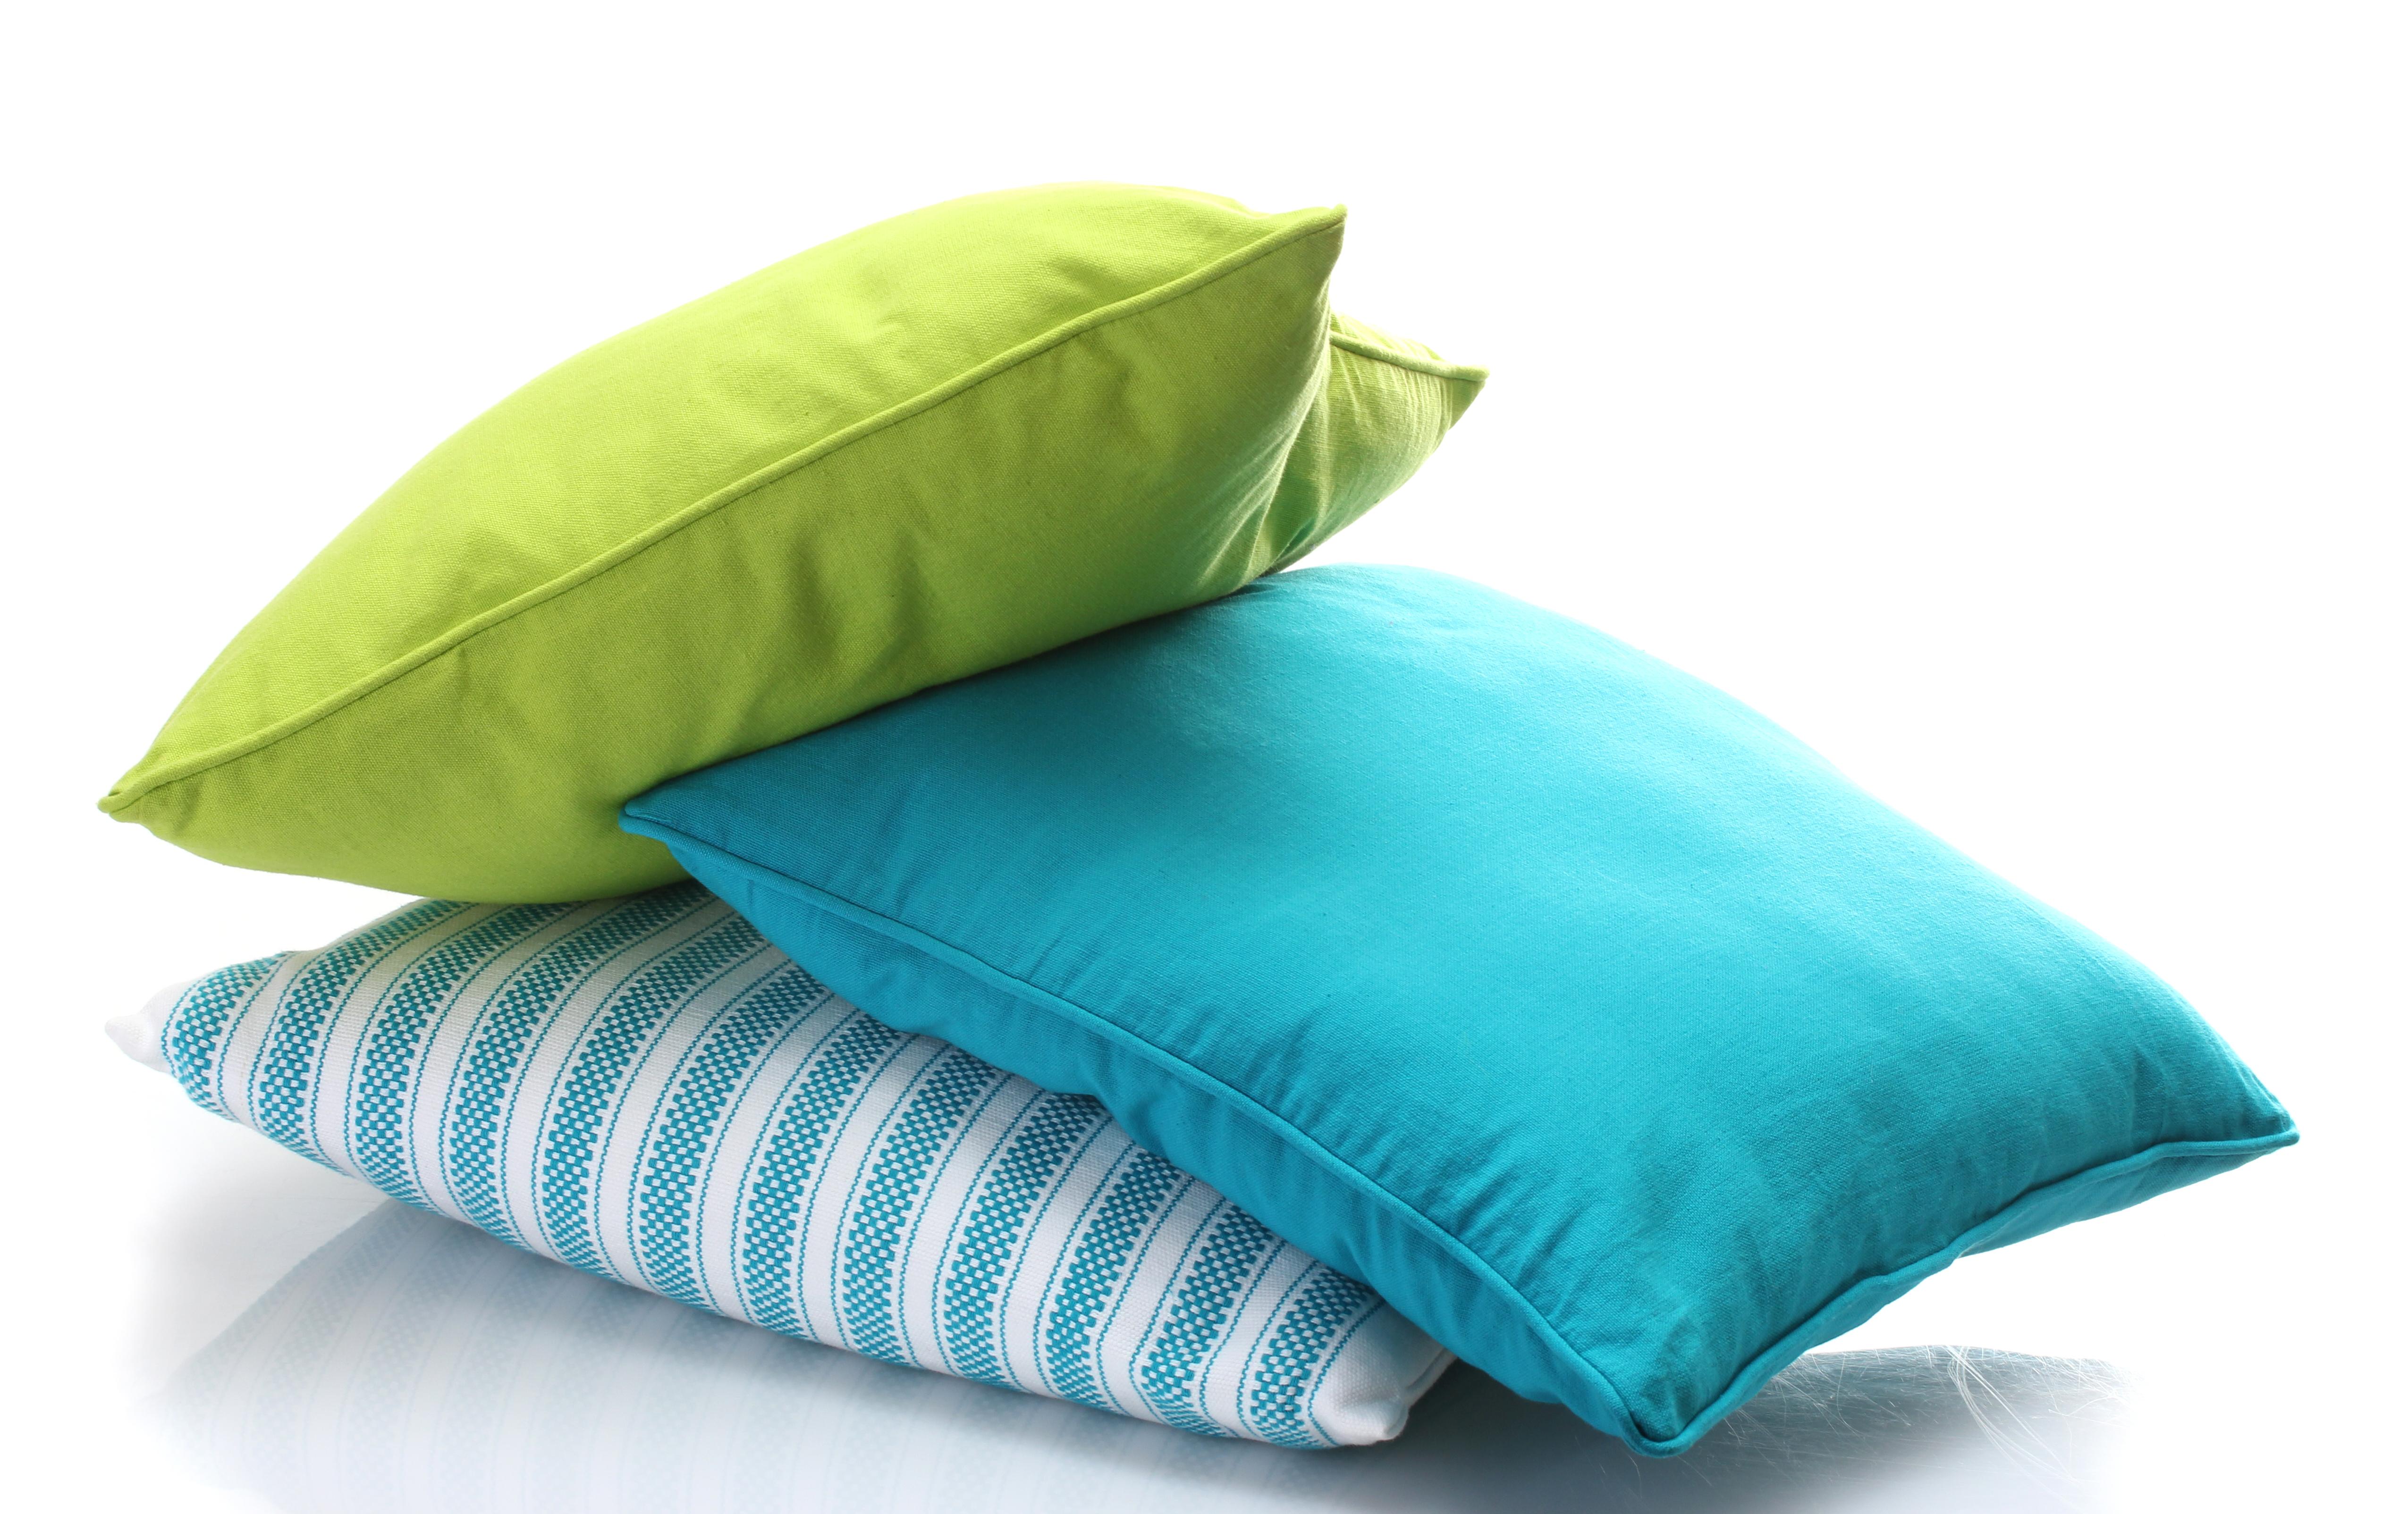 Bespoke pillows